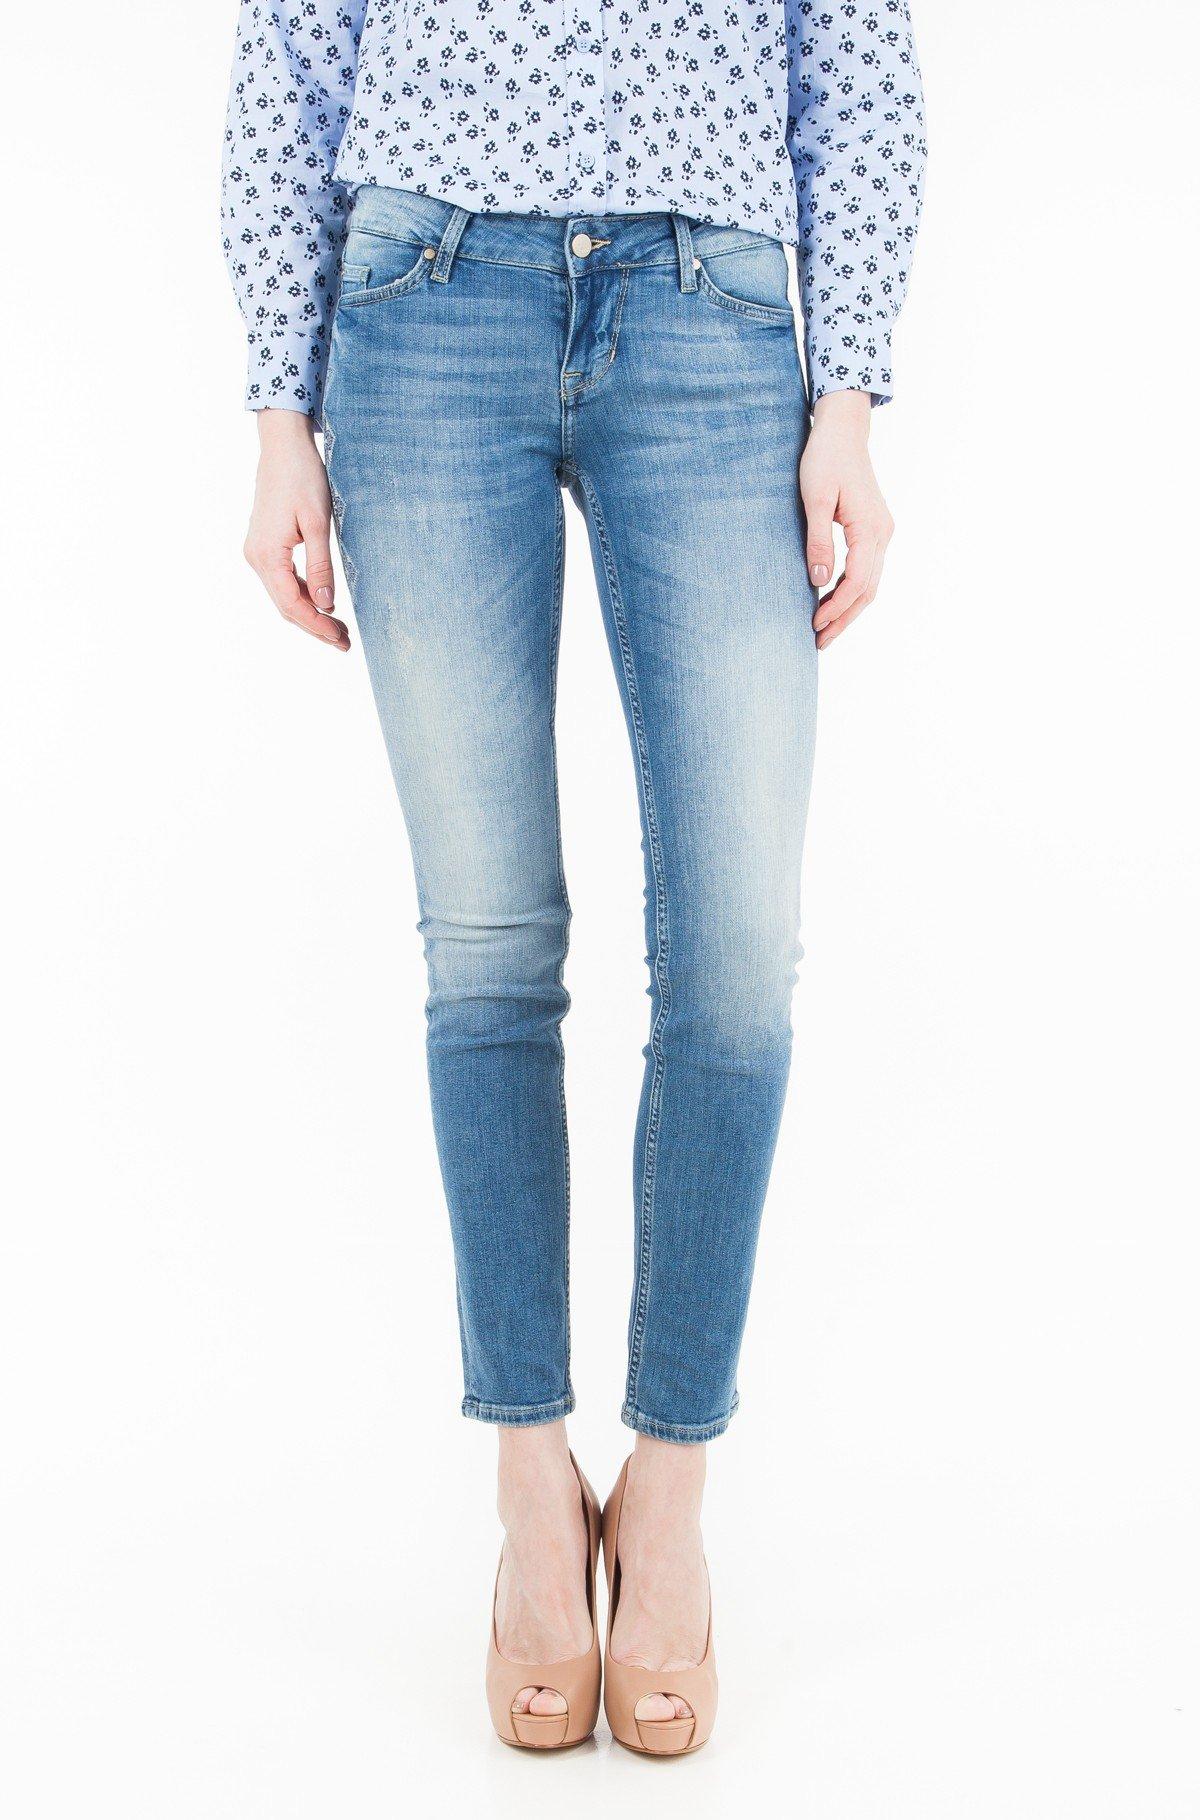 Jeans 1005661-full-1